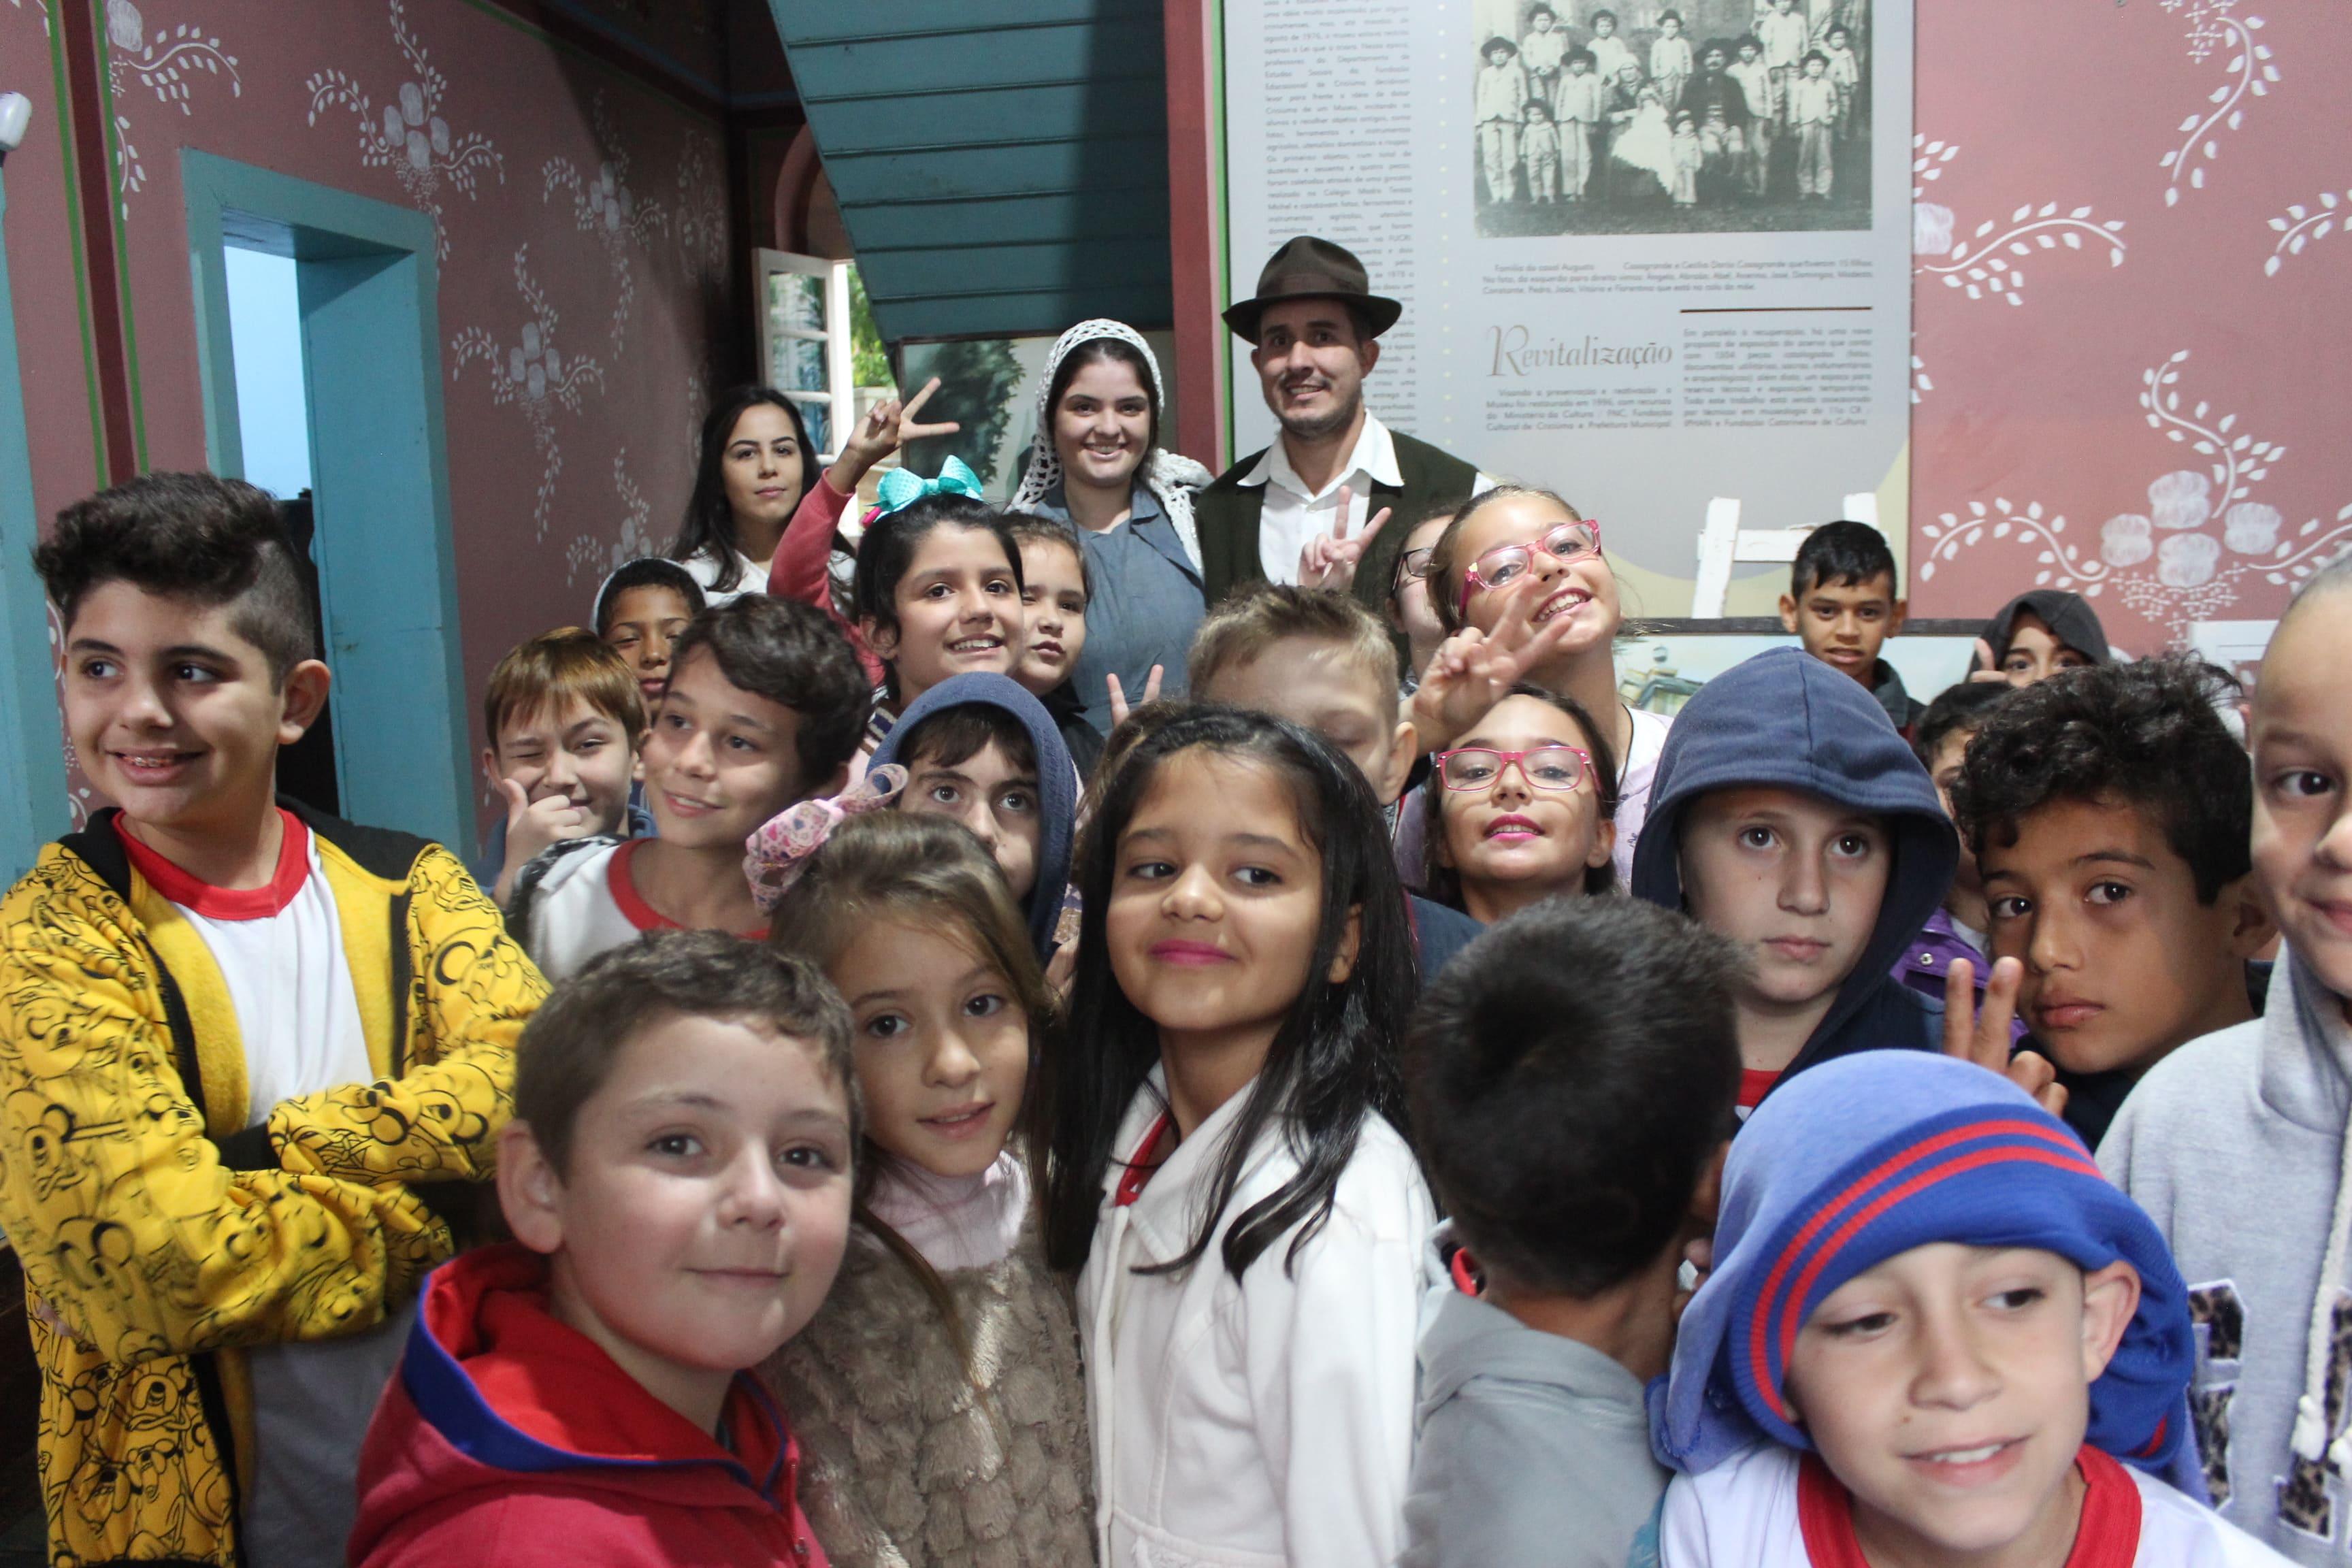 Semana Nacional dos Museus encerra com encenação no Augusto Casagrande